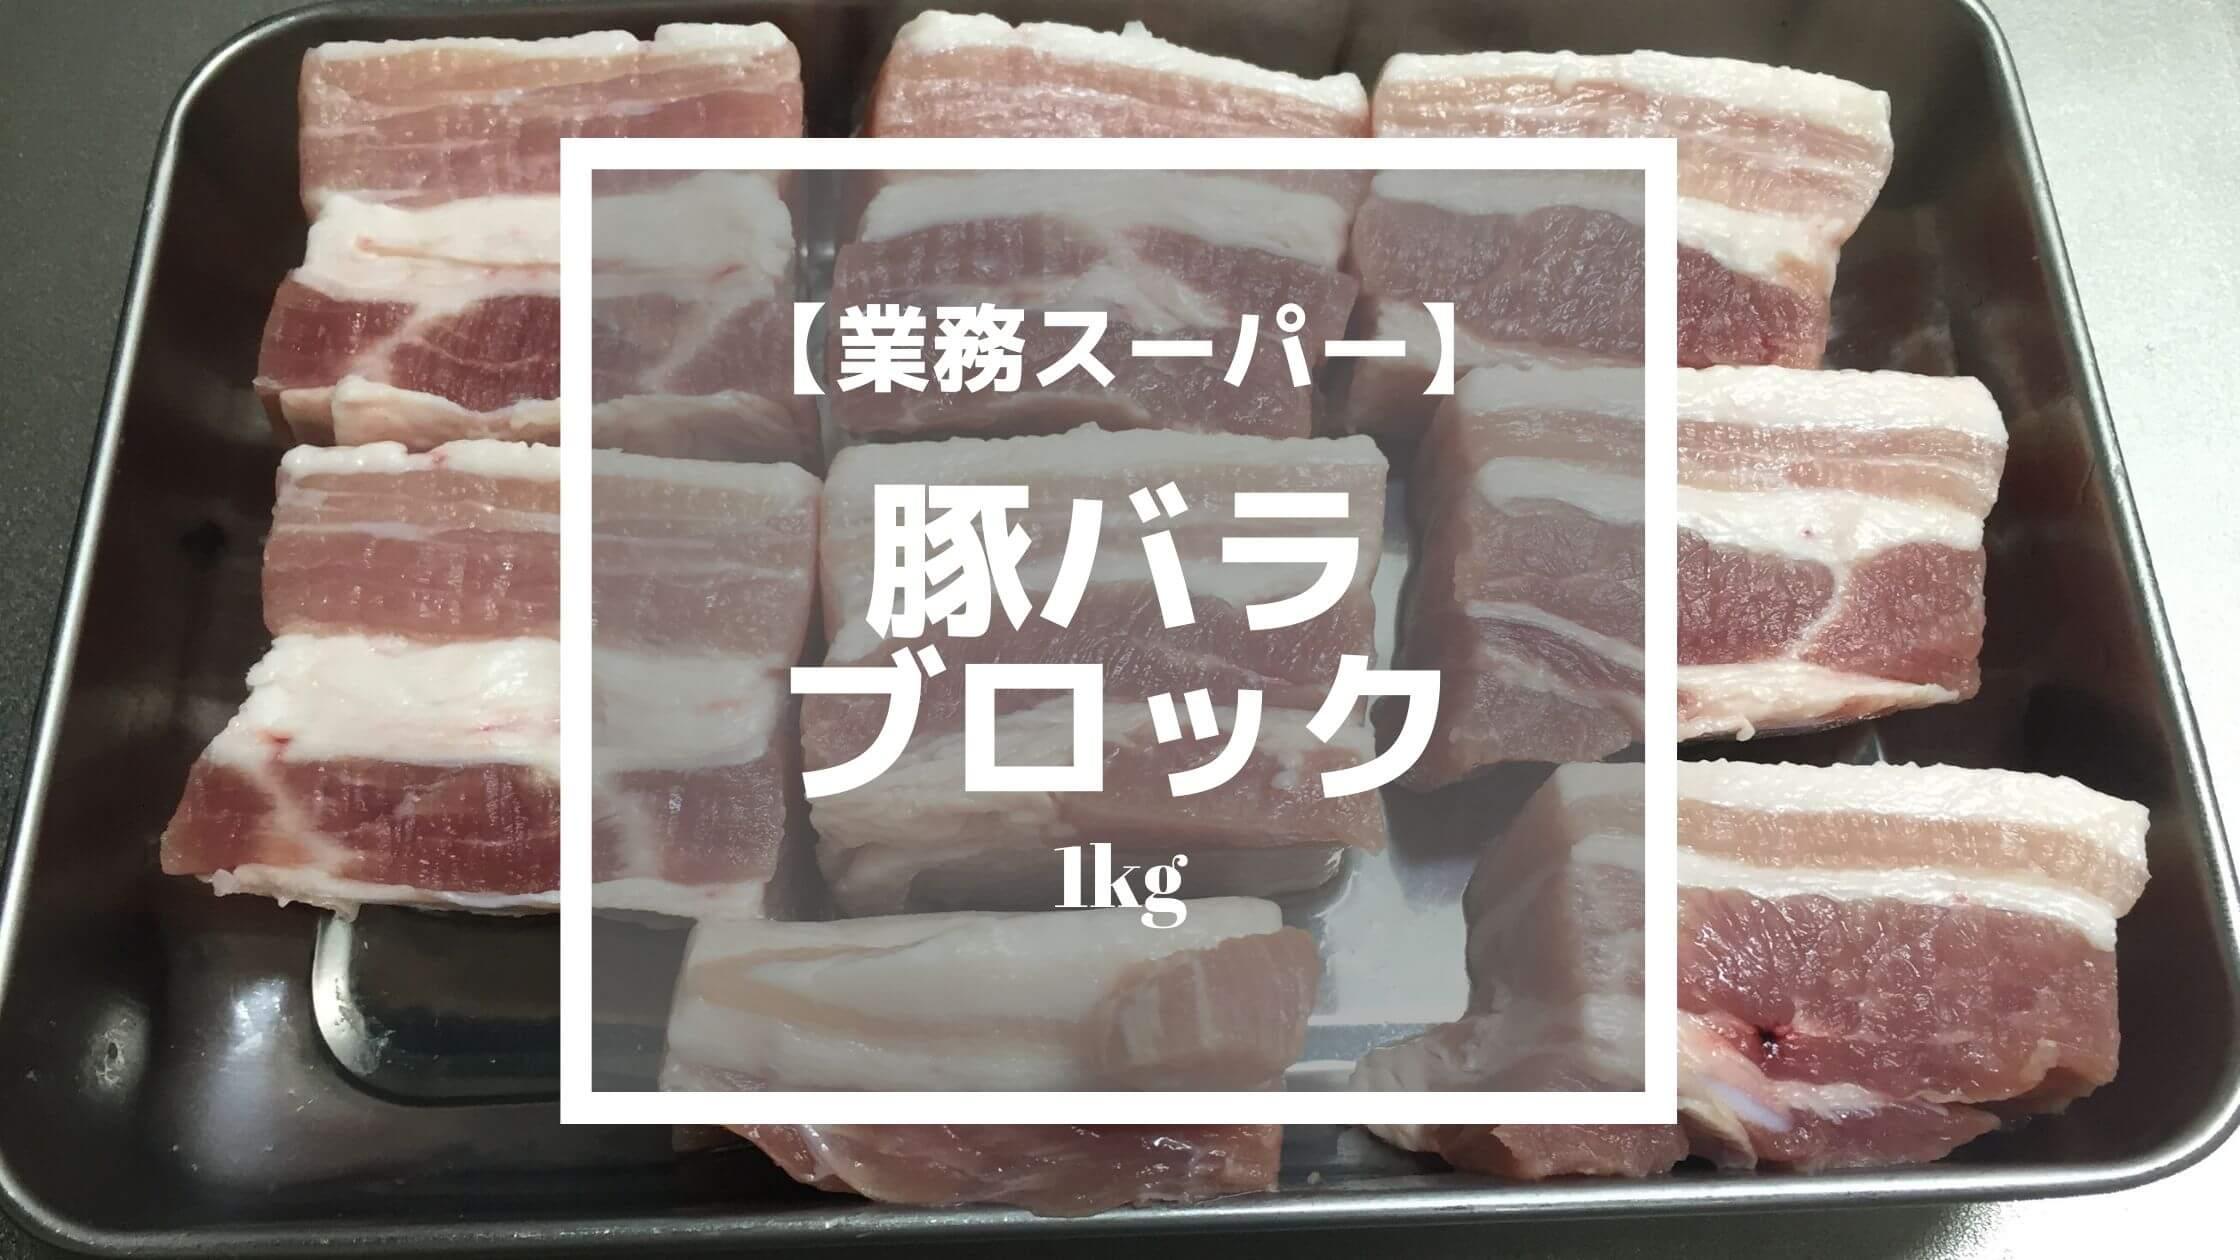 業務スーパー 冷凍肉 豚バラブロック 1kg 値段 レシピ 角に 解凍 賞味期限 おすすめ